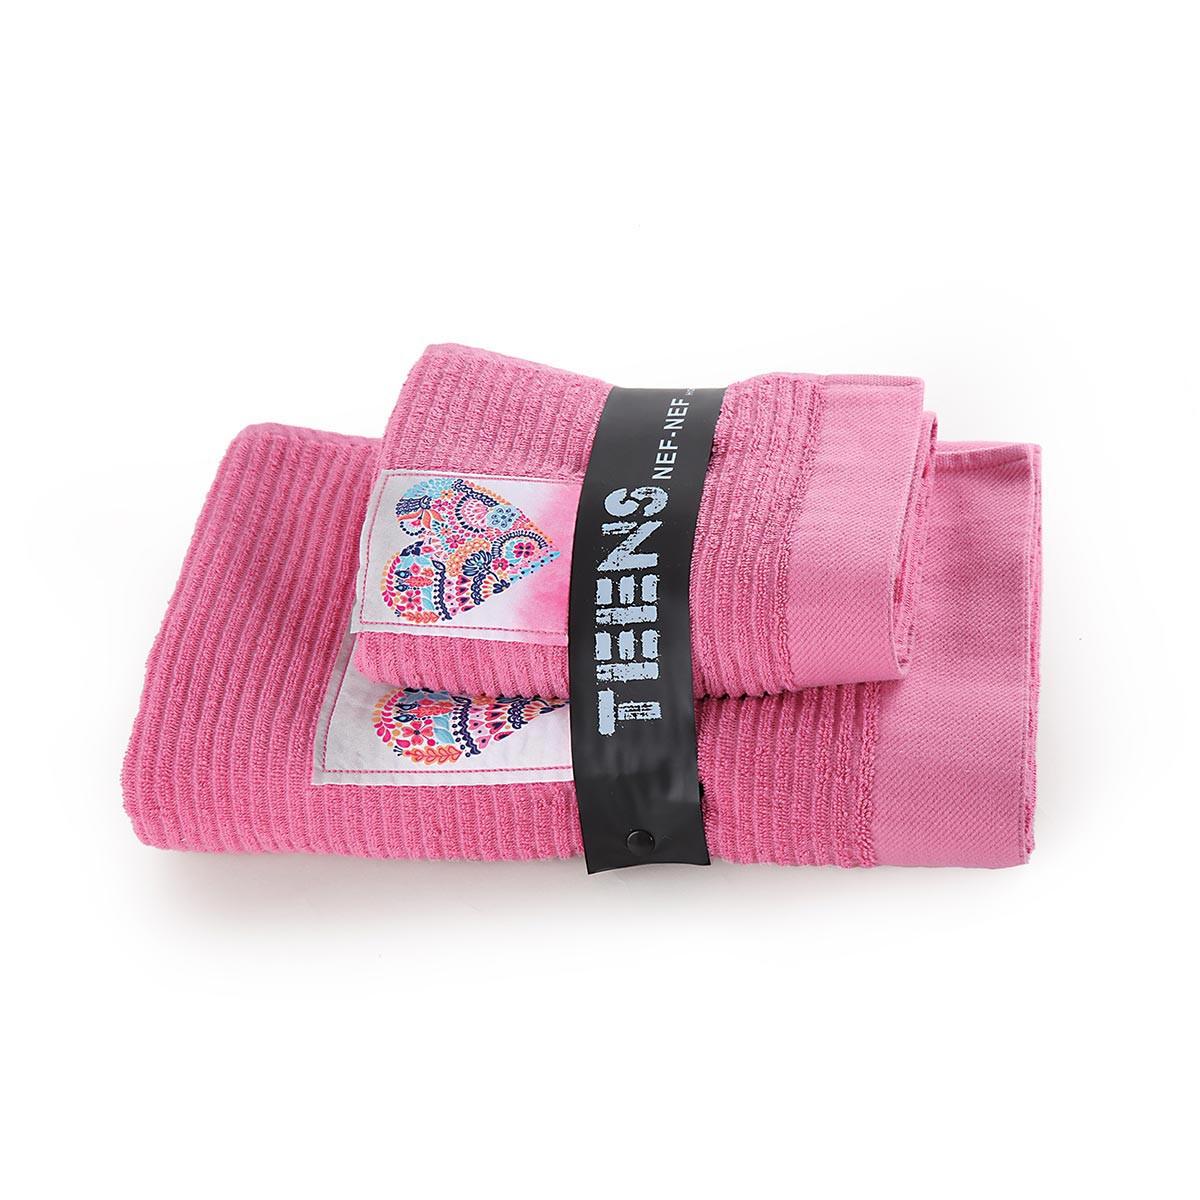 Παιδικές Πετσέτες (Σετ 2τμχ) Nef-Nef Stylish Heart